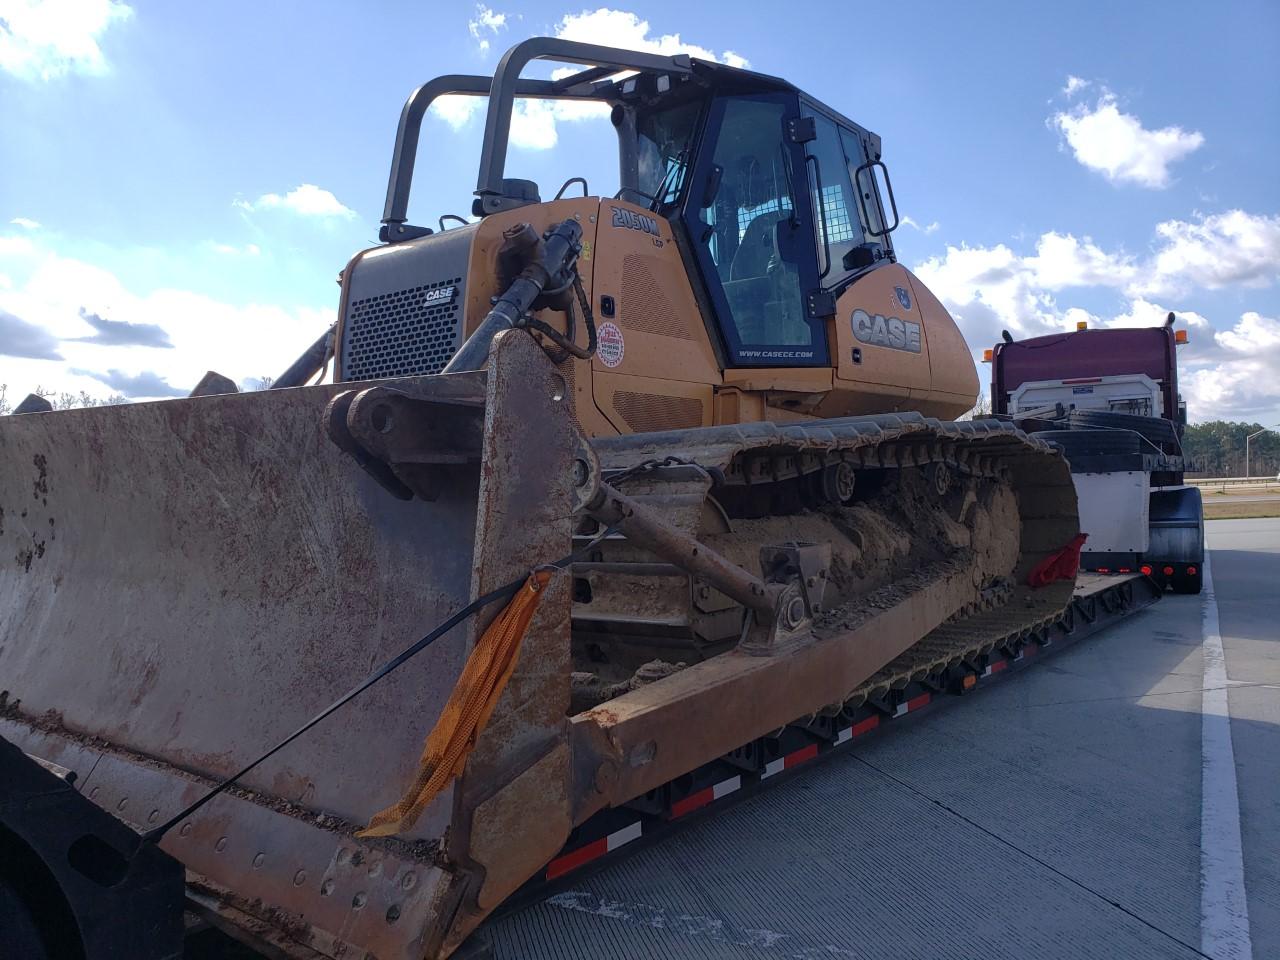 Shipping a bulldozer to Delaware